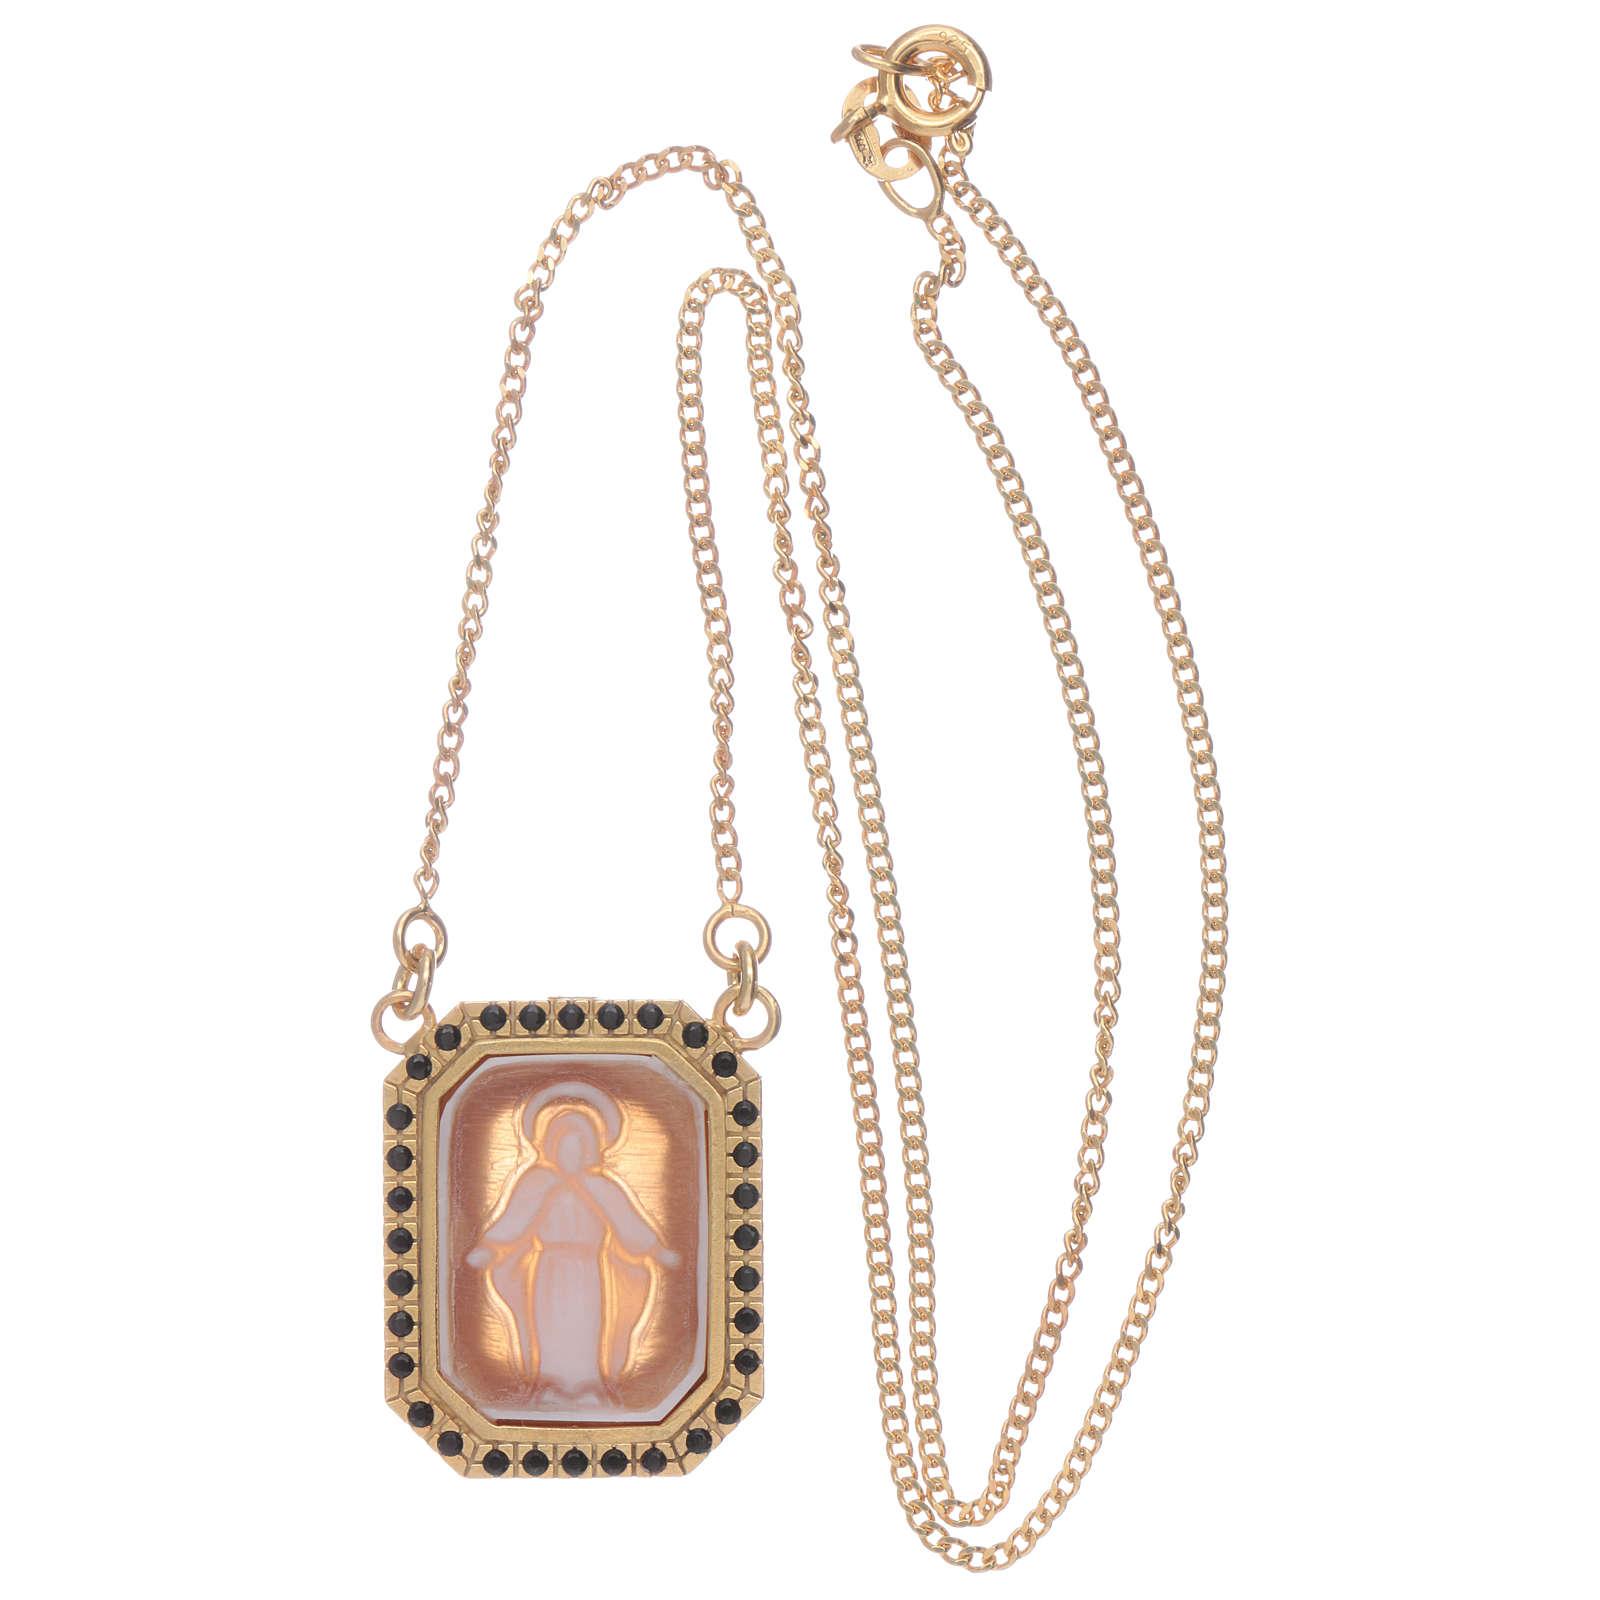 Gargantilla de plata 925 con Virgen Milagrosa en camafeo y zircones negros 4